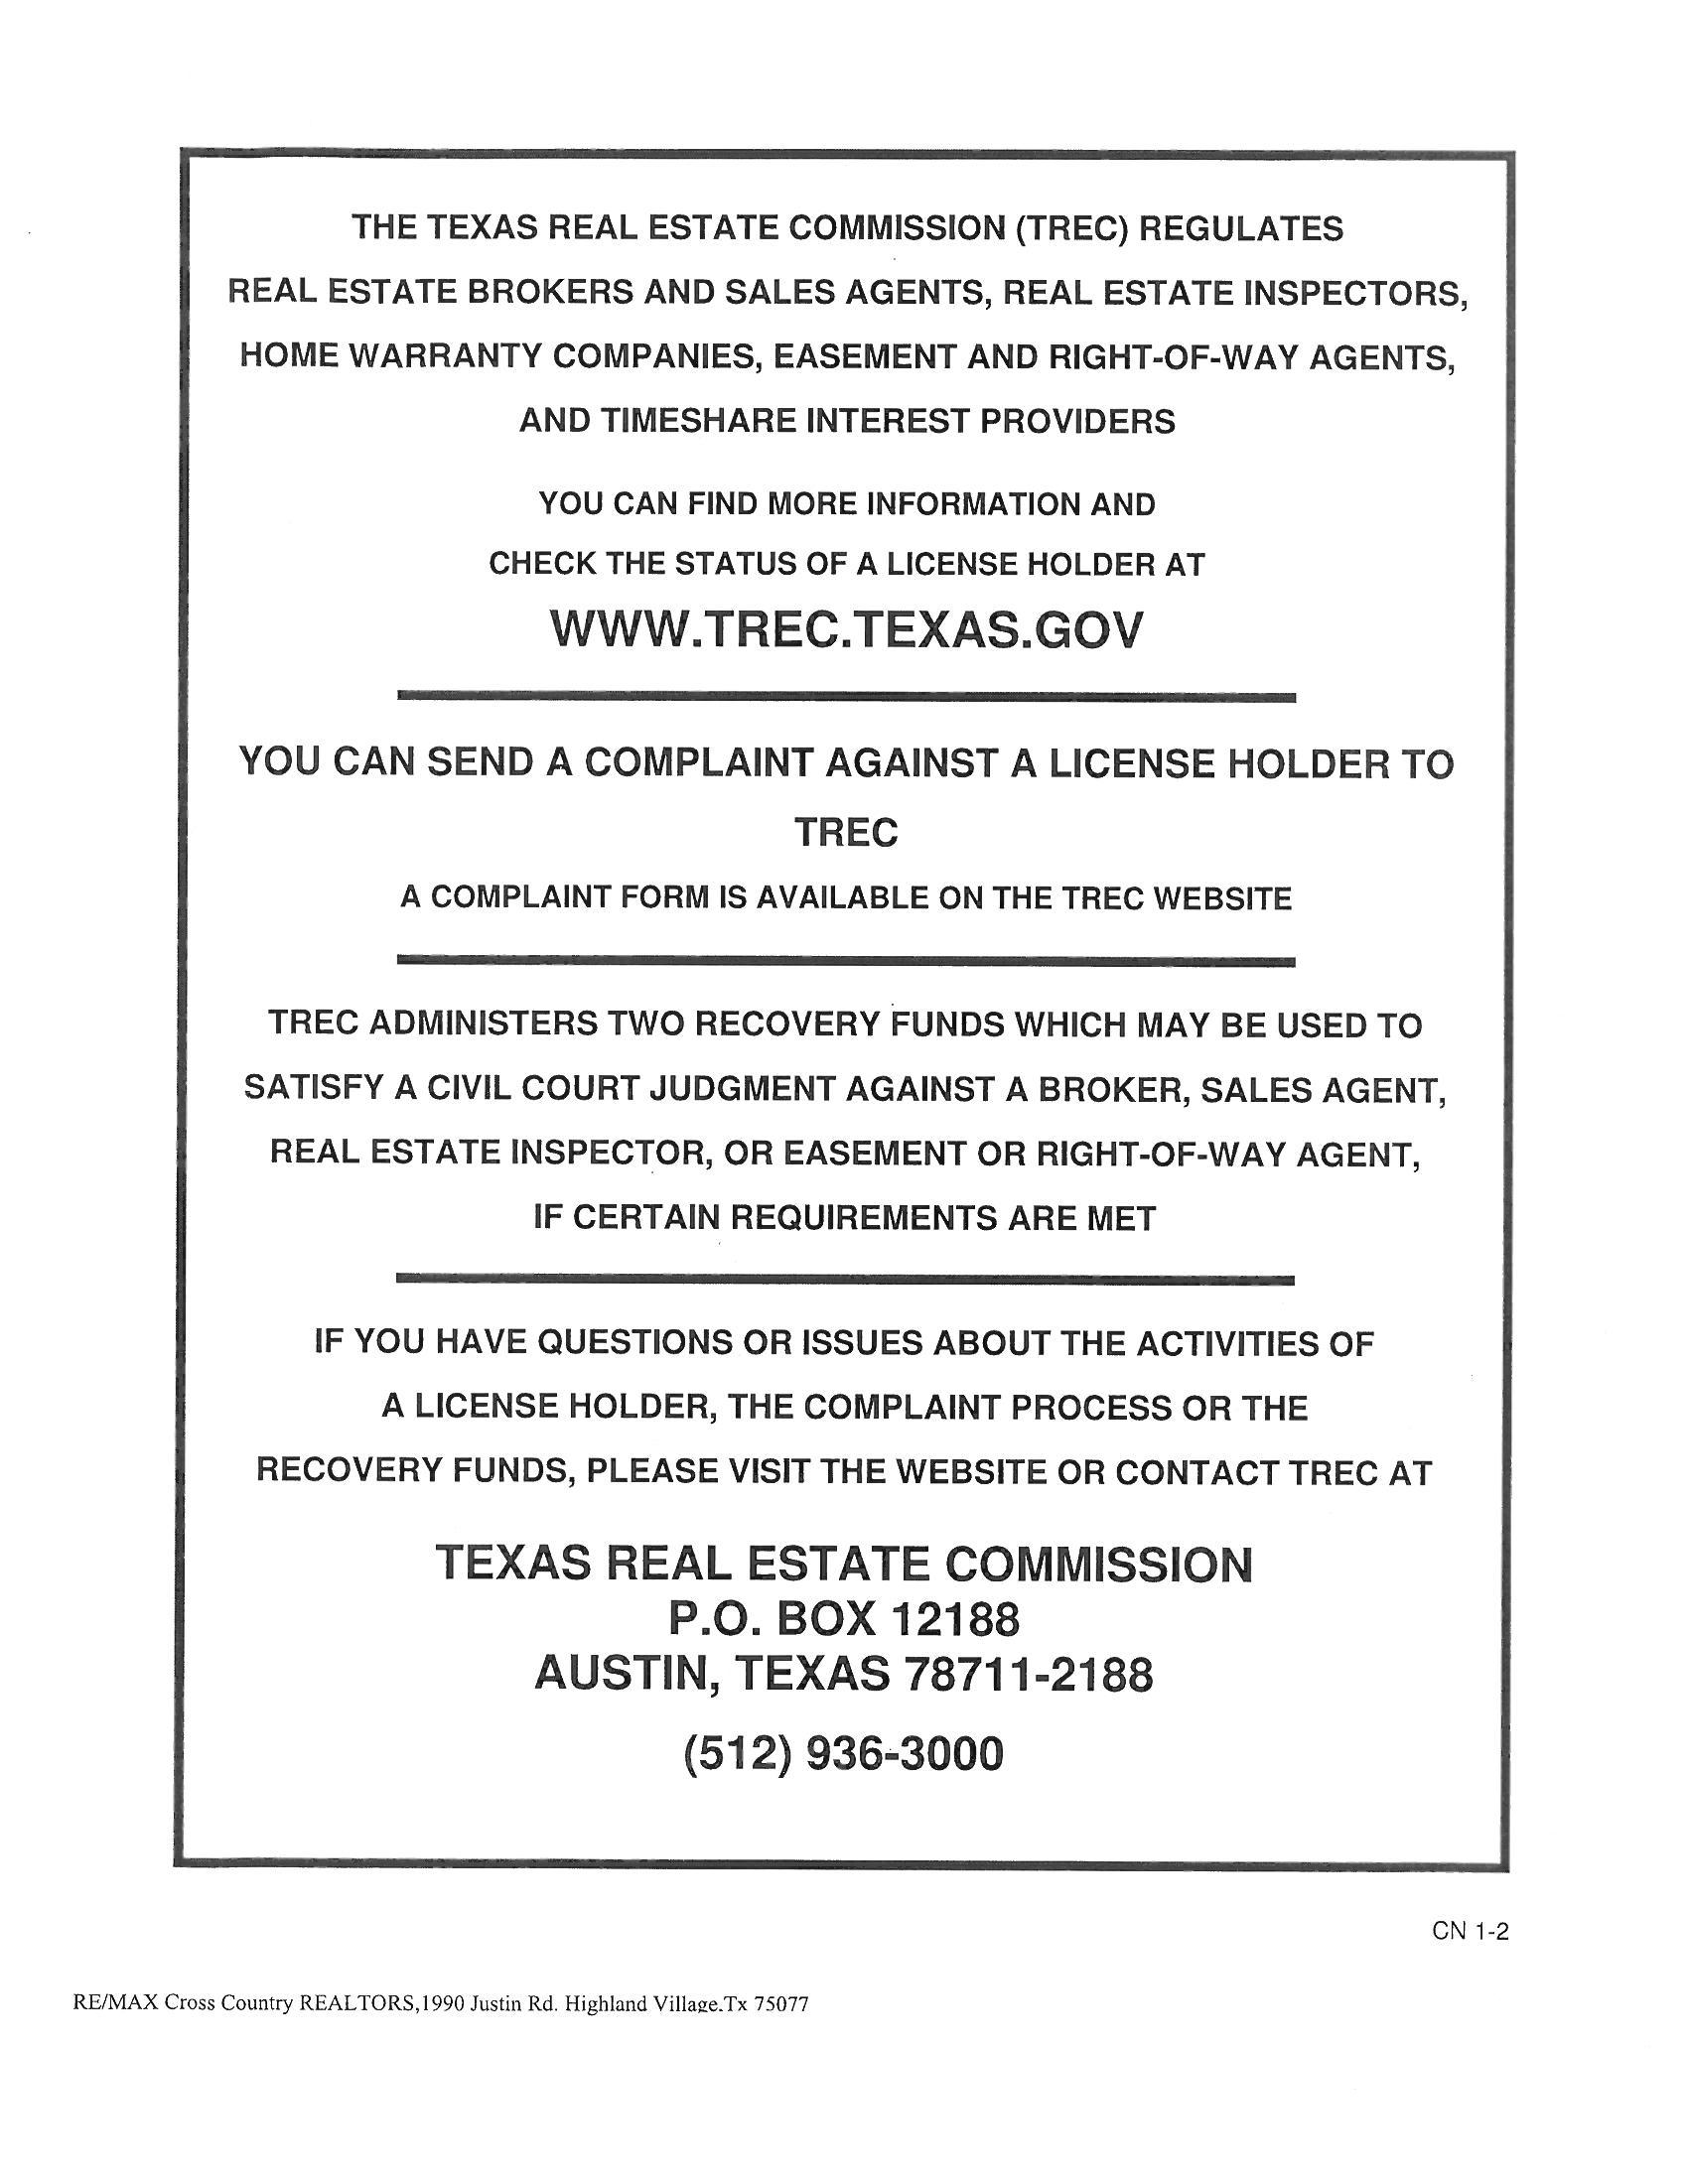 Ron Harmon Real Estate